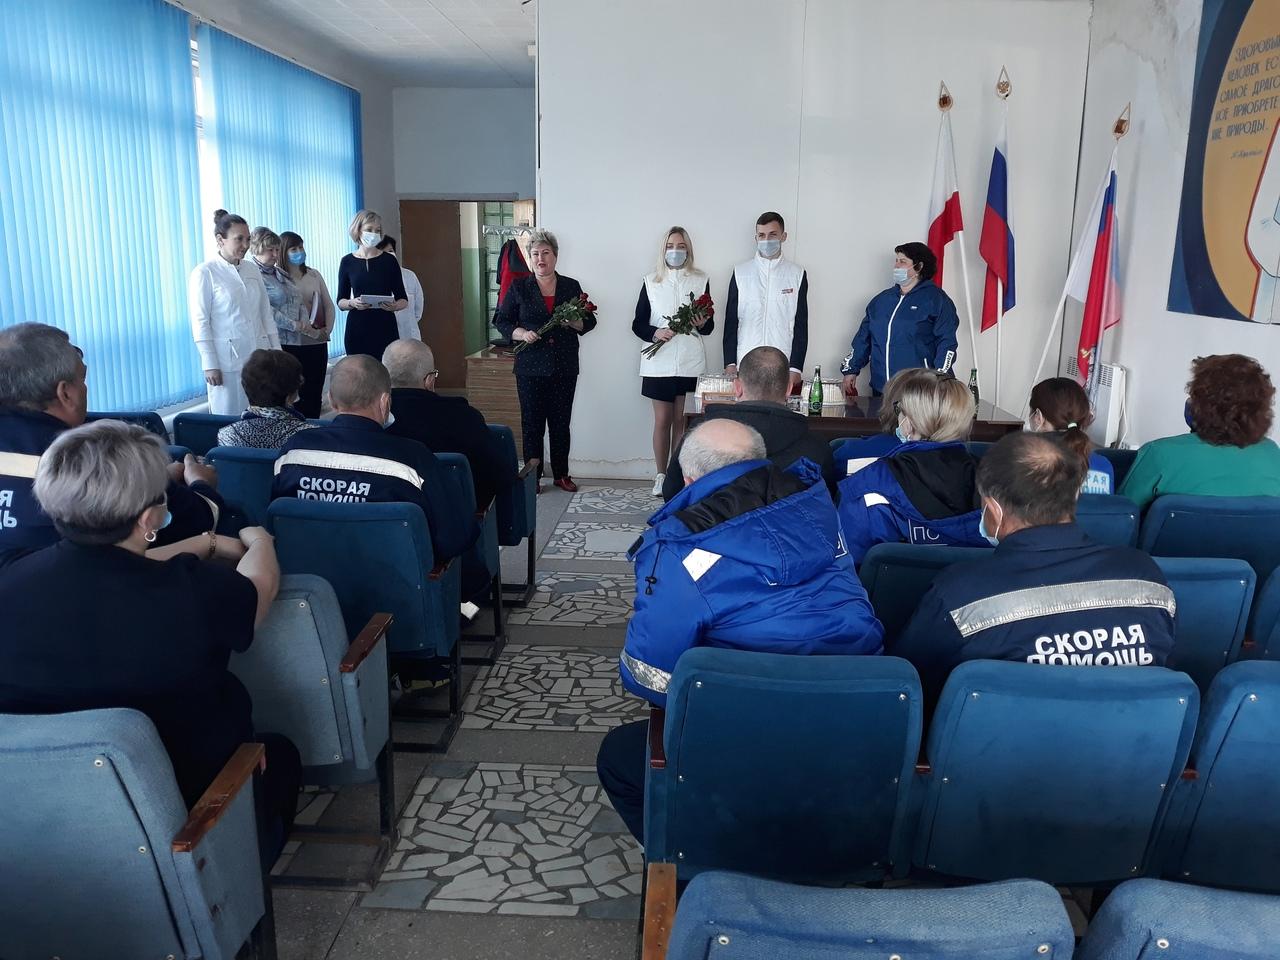 Представители партии «Единая Россия» поздравили работников службы скорой помощи с профессиональным праздником